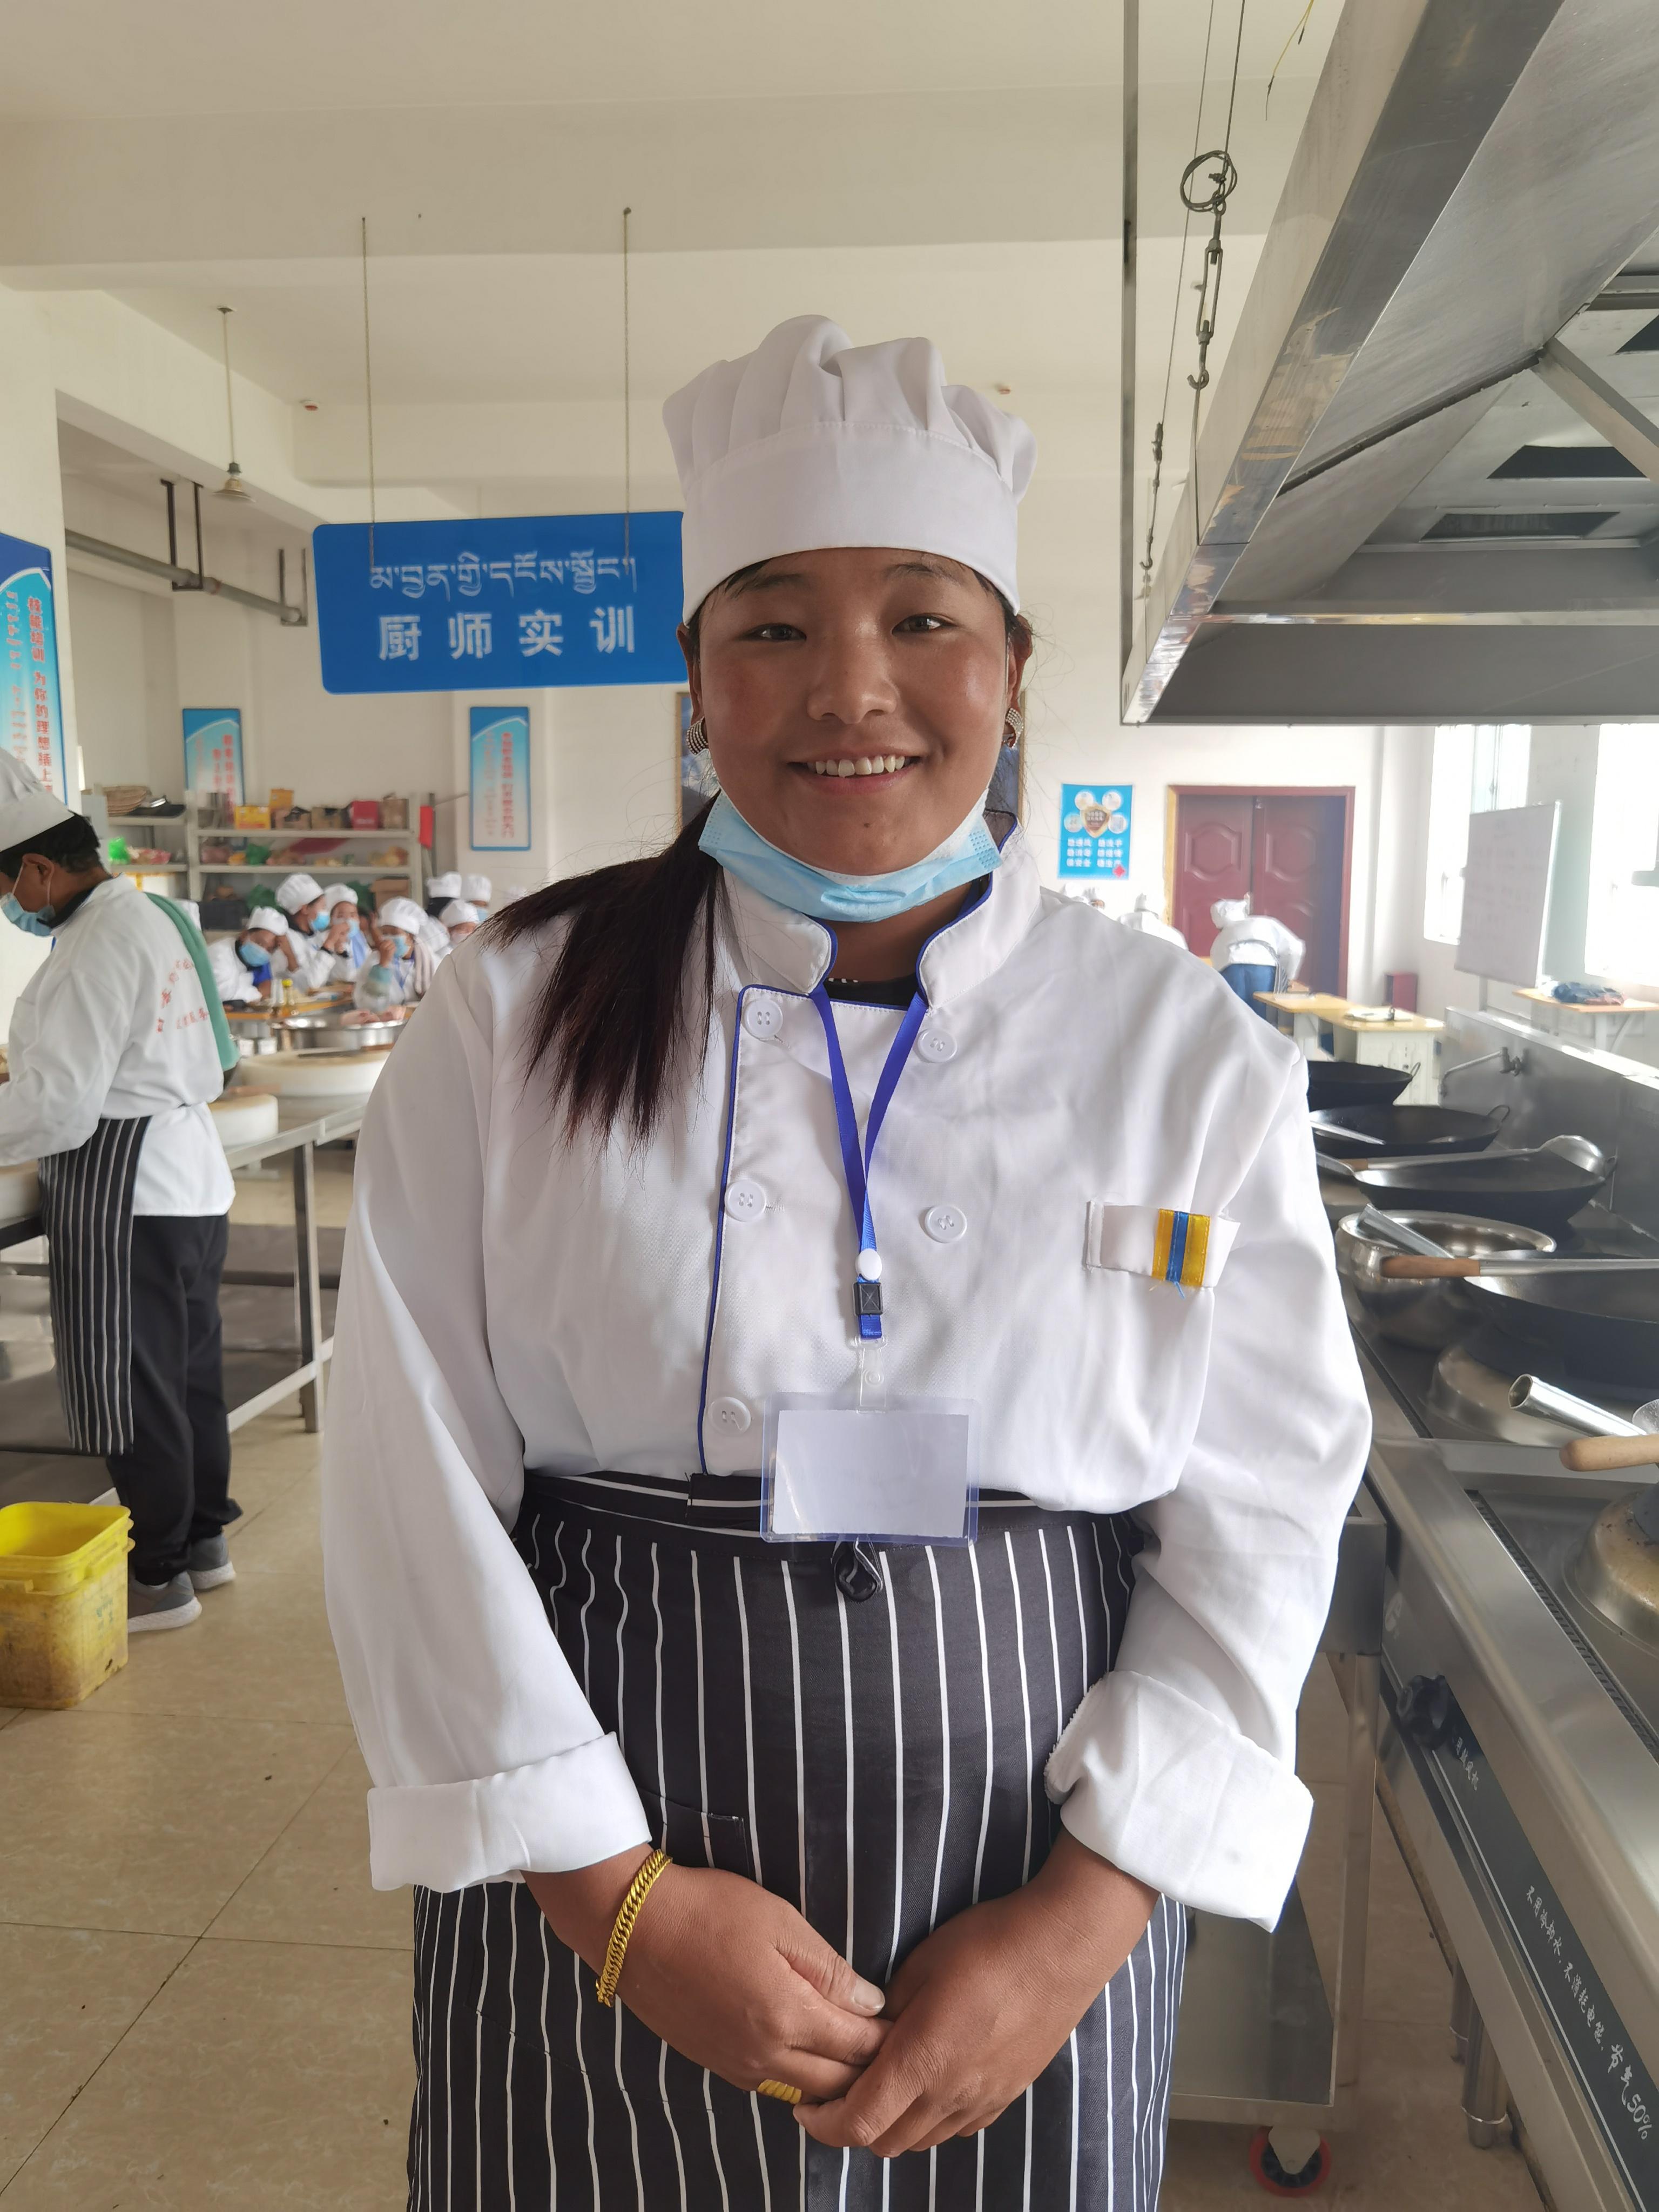 次仁卓玛的梦想,是拿到厨师证后,开一个大一点的藏餐。